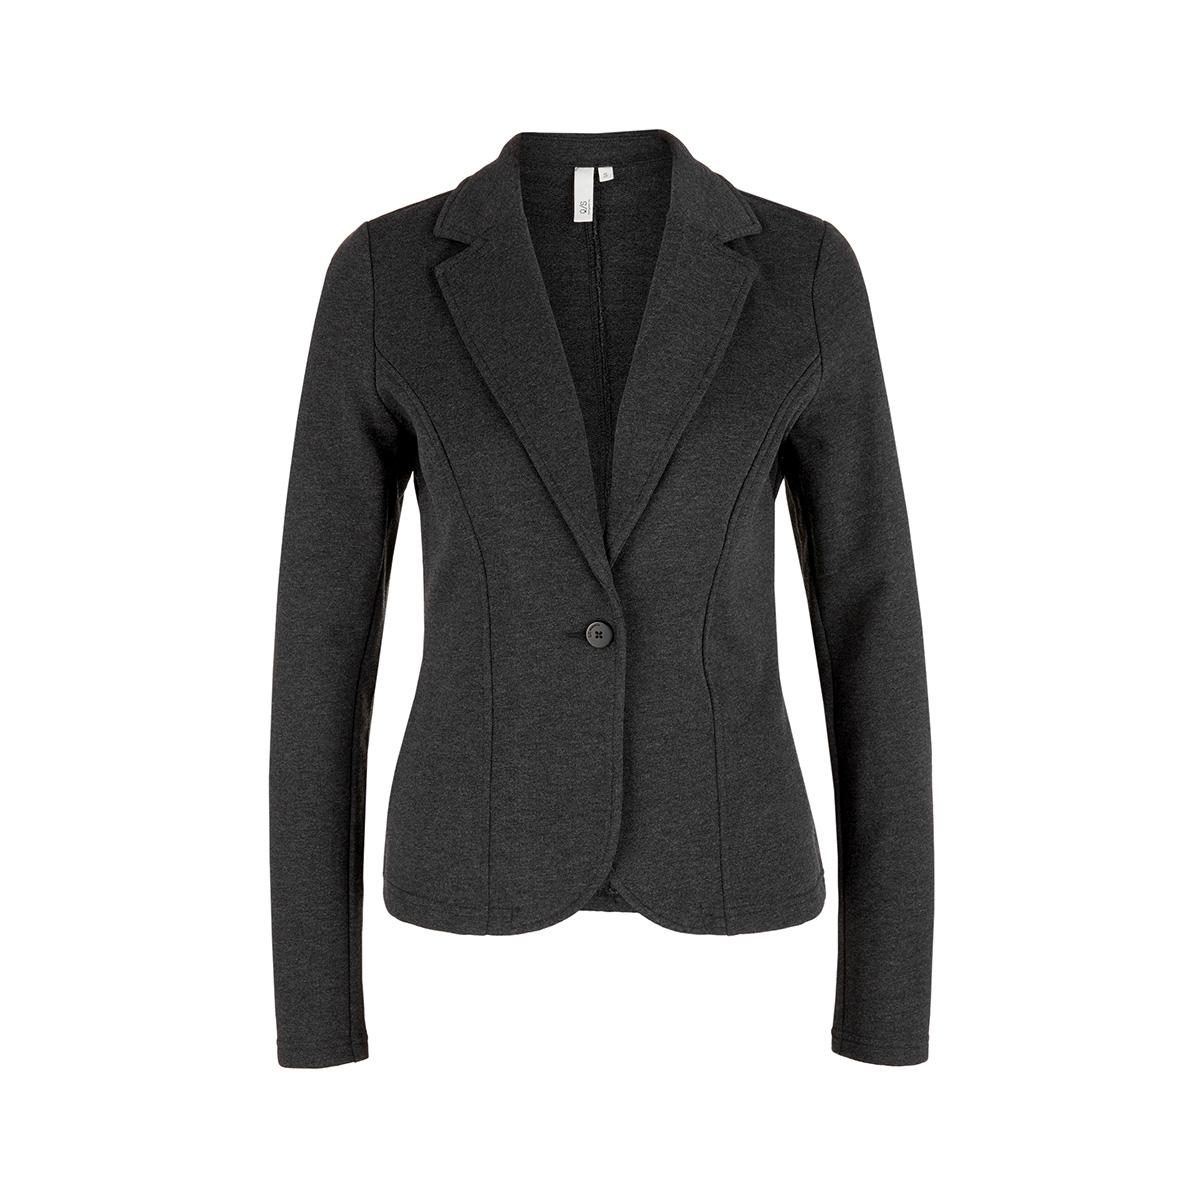 gemeleerde blazer 46001434238 q/s designed by blazer 99w0